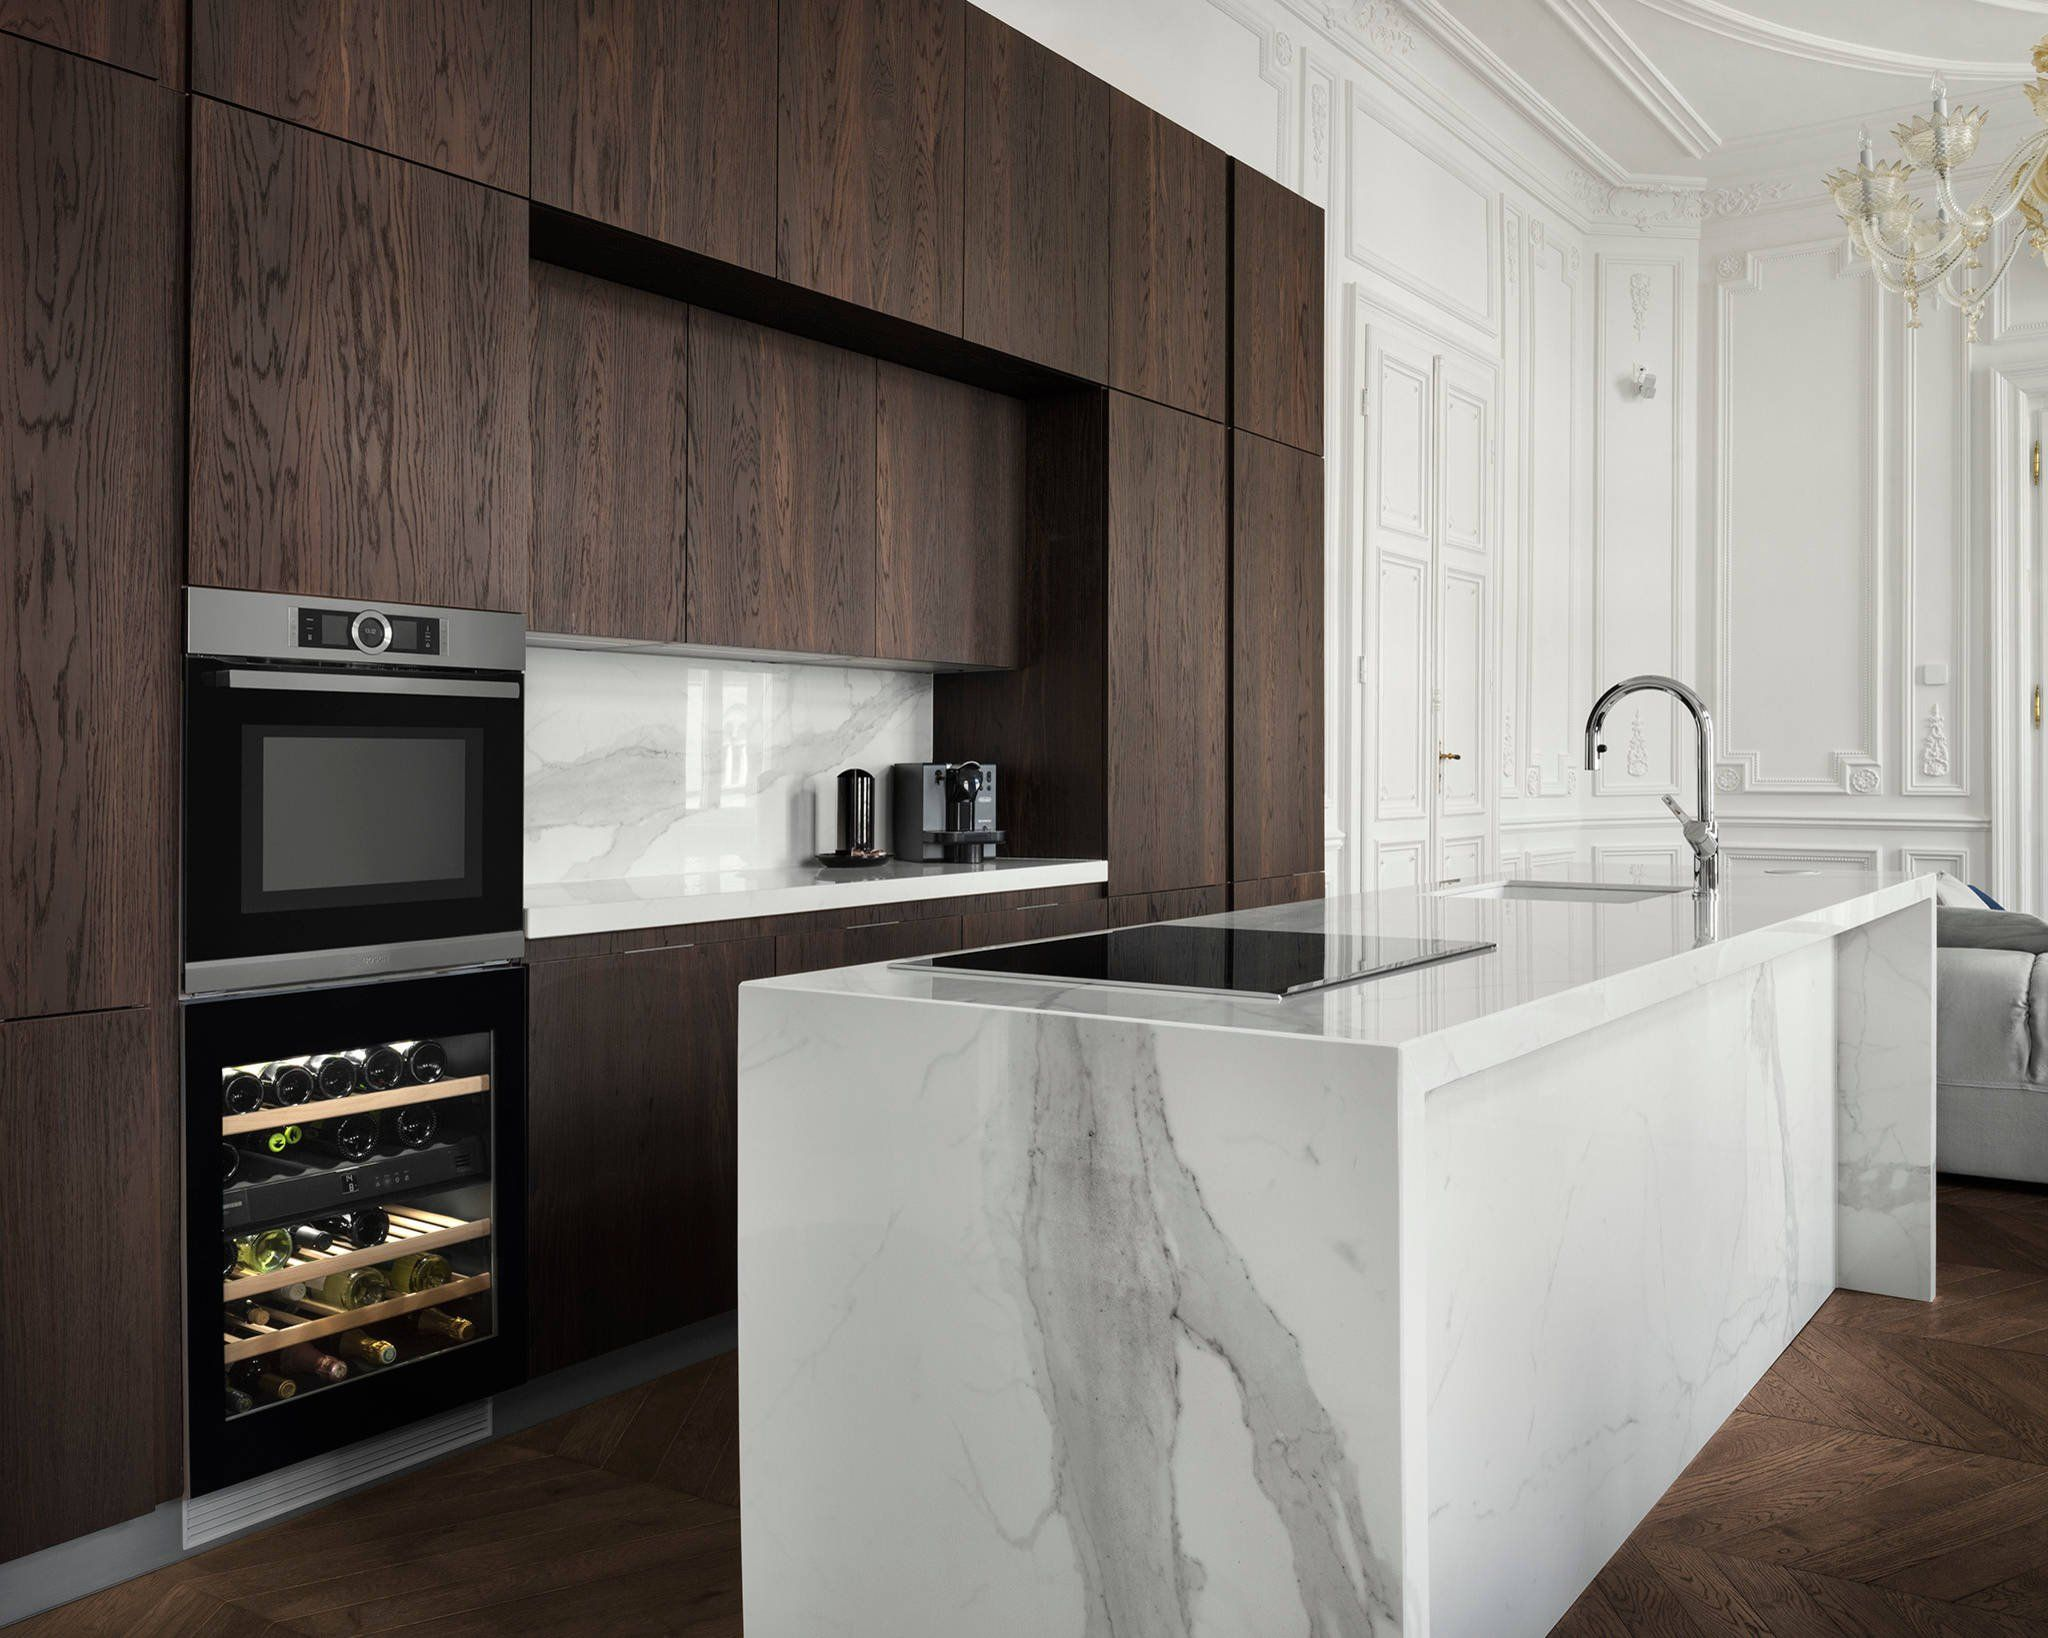 Full Size of Küchenblende Hängeschrank Küche Blende Ecke Befestigung Für Küche Blende Küchenblende Boden Befestigen Küche Küche Blende